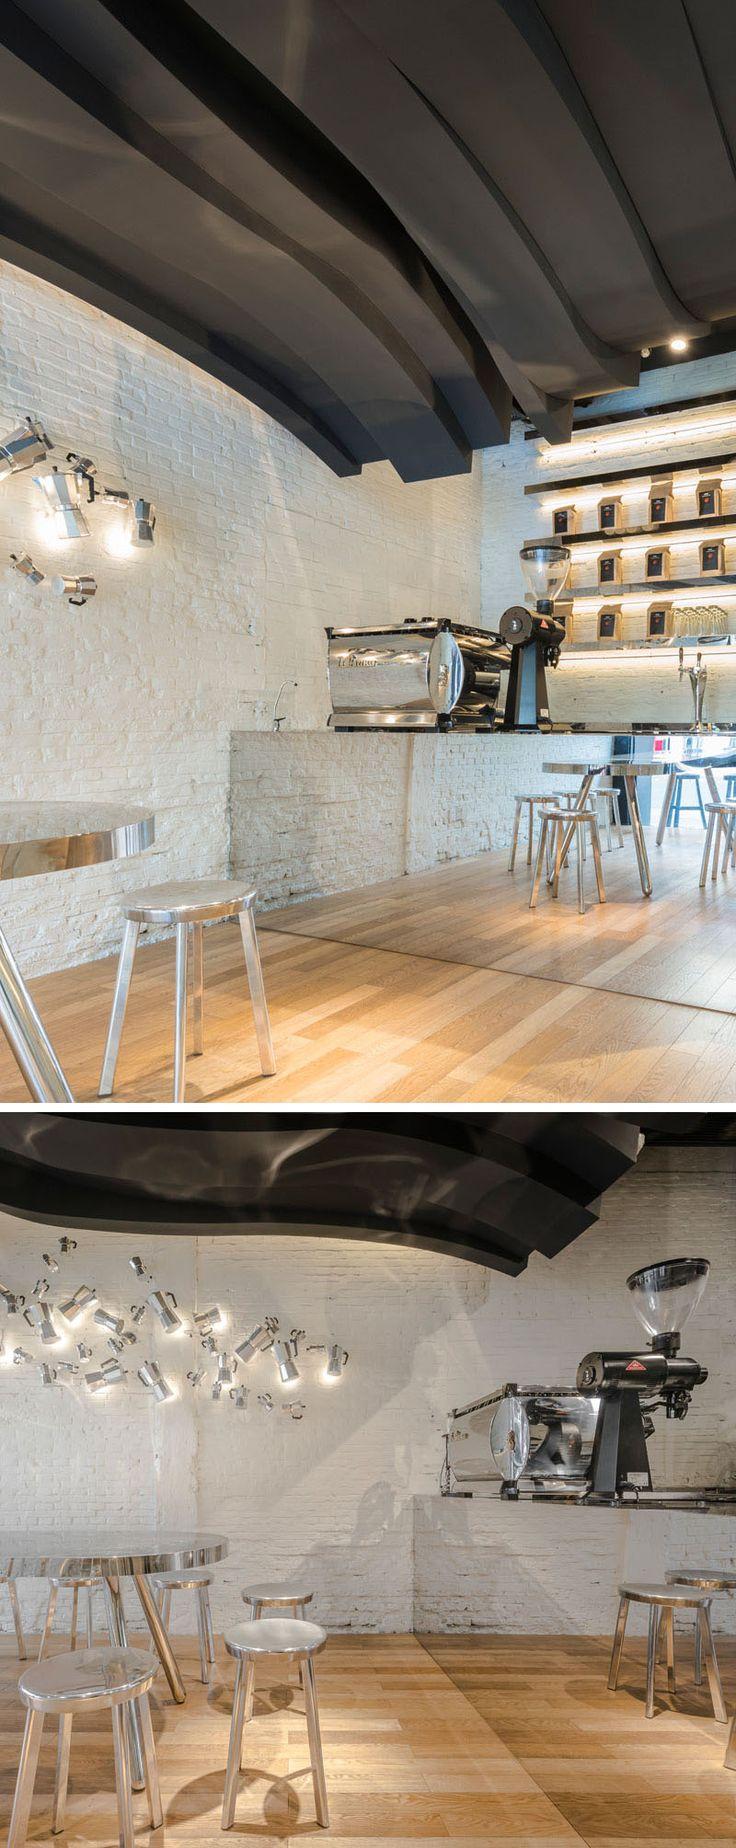 Оригинальный интерьер кафе: белая кирпичная стена